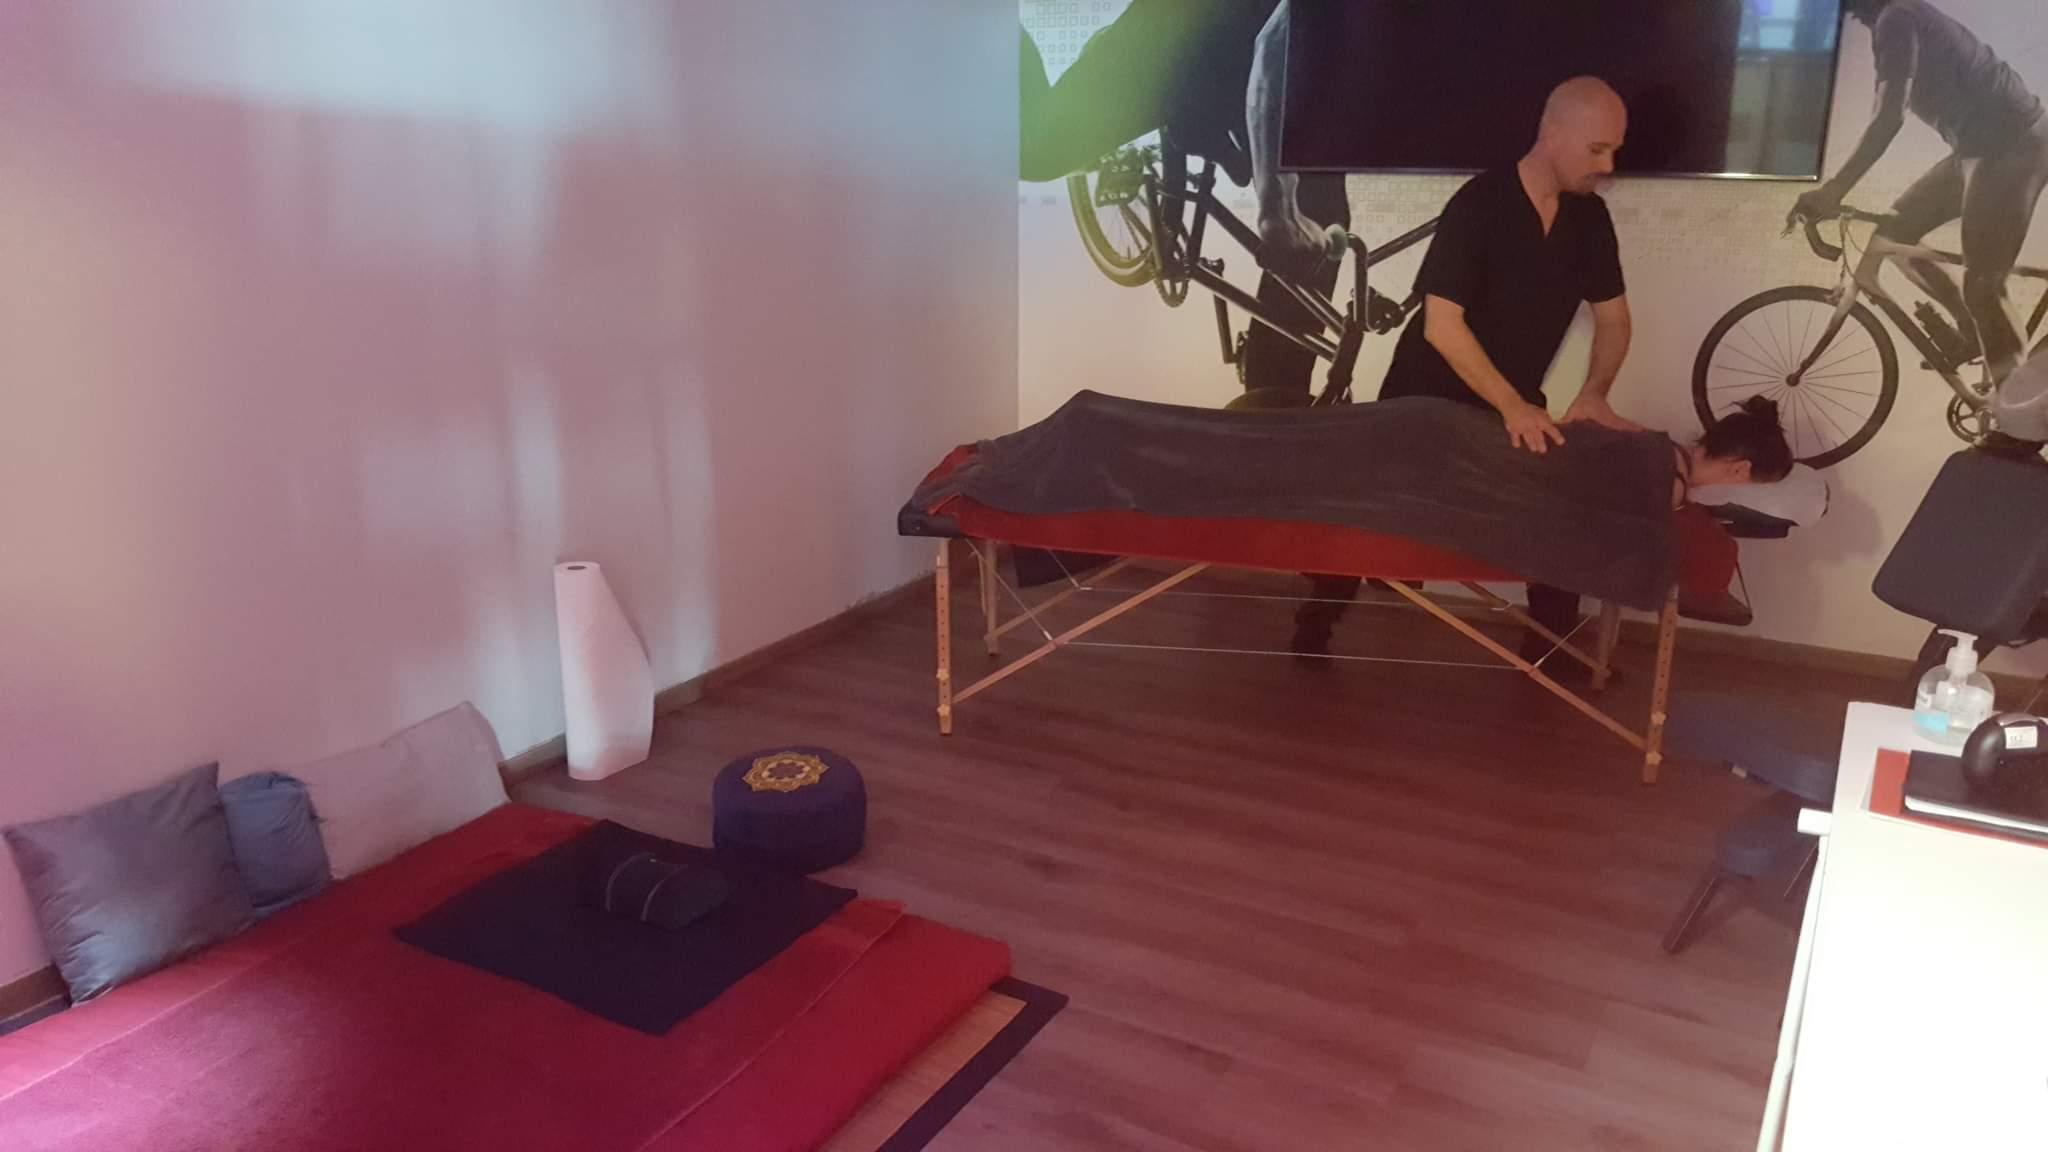 Shiatsu en événementiel. Prestation sur table, chaise ergonomique ou futon.